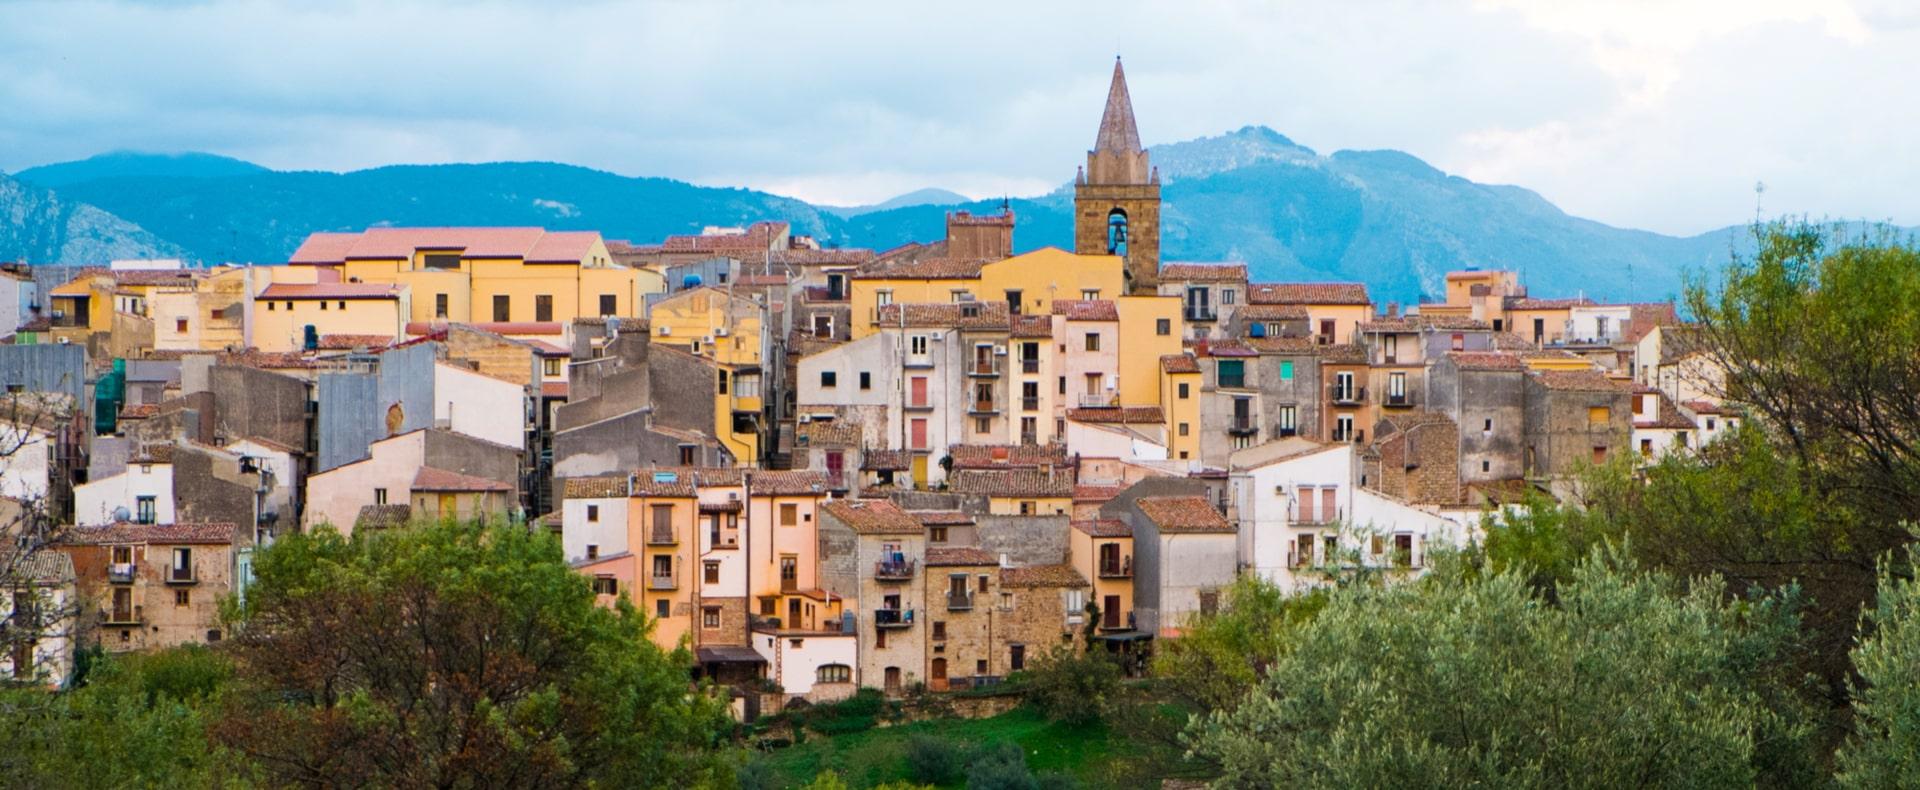 Castelbuono, Italy